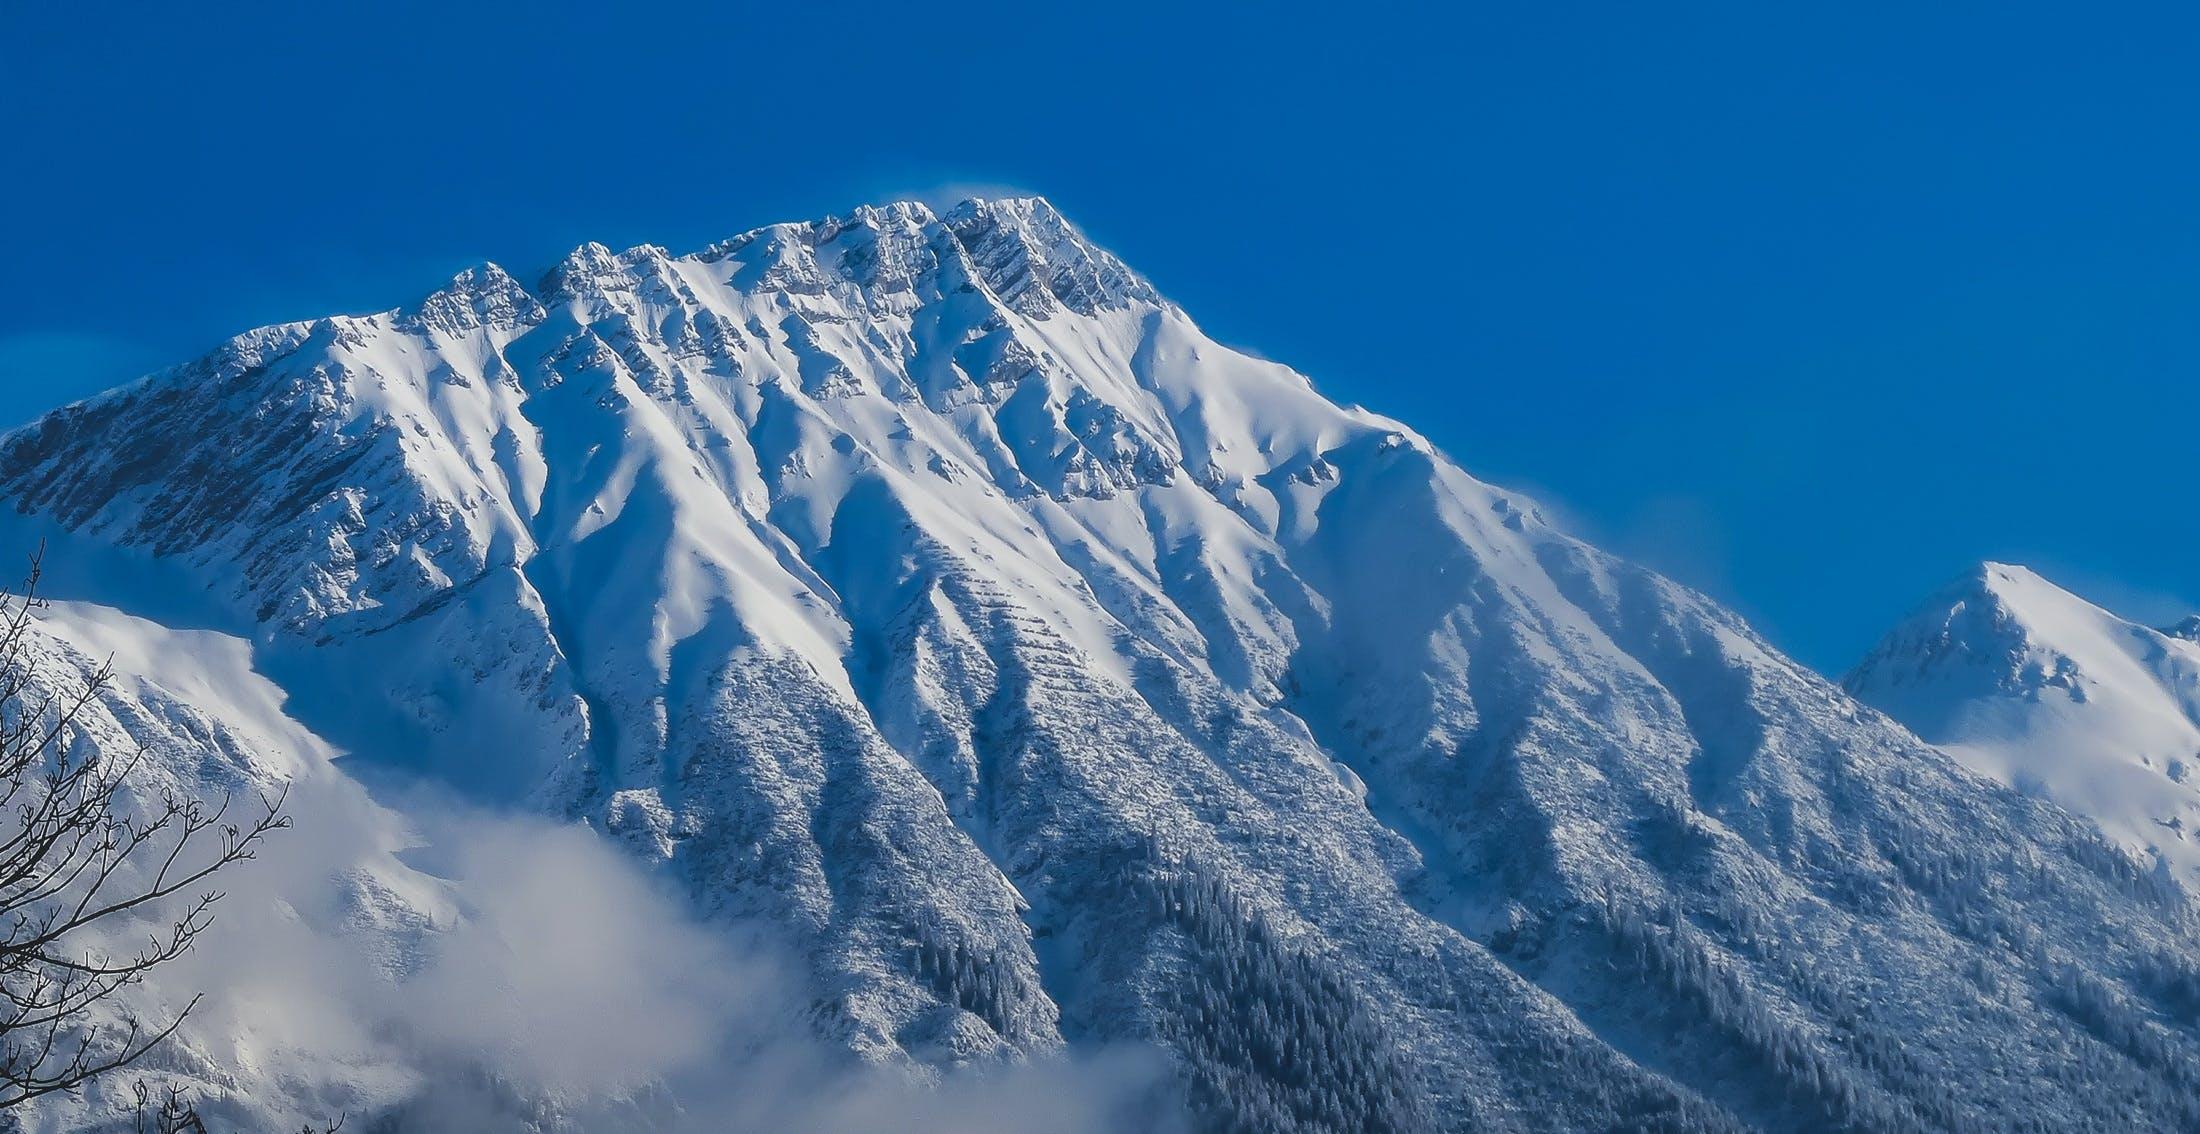 คลังภาพถ่ายฟรี ของ ธรรมชาติ, ภูมิทัศน์, ภูเขา, ยอดเขา